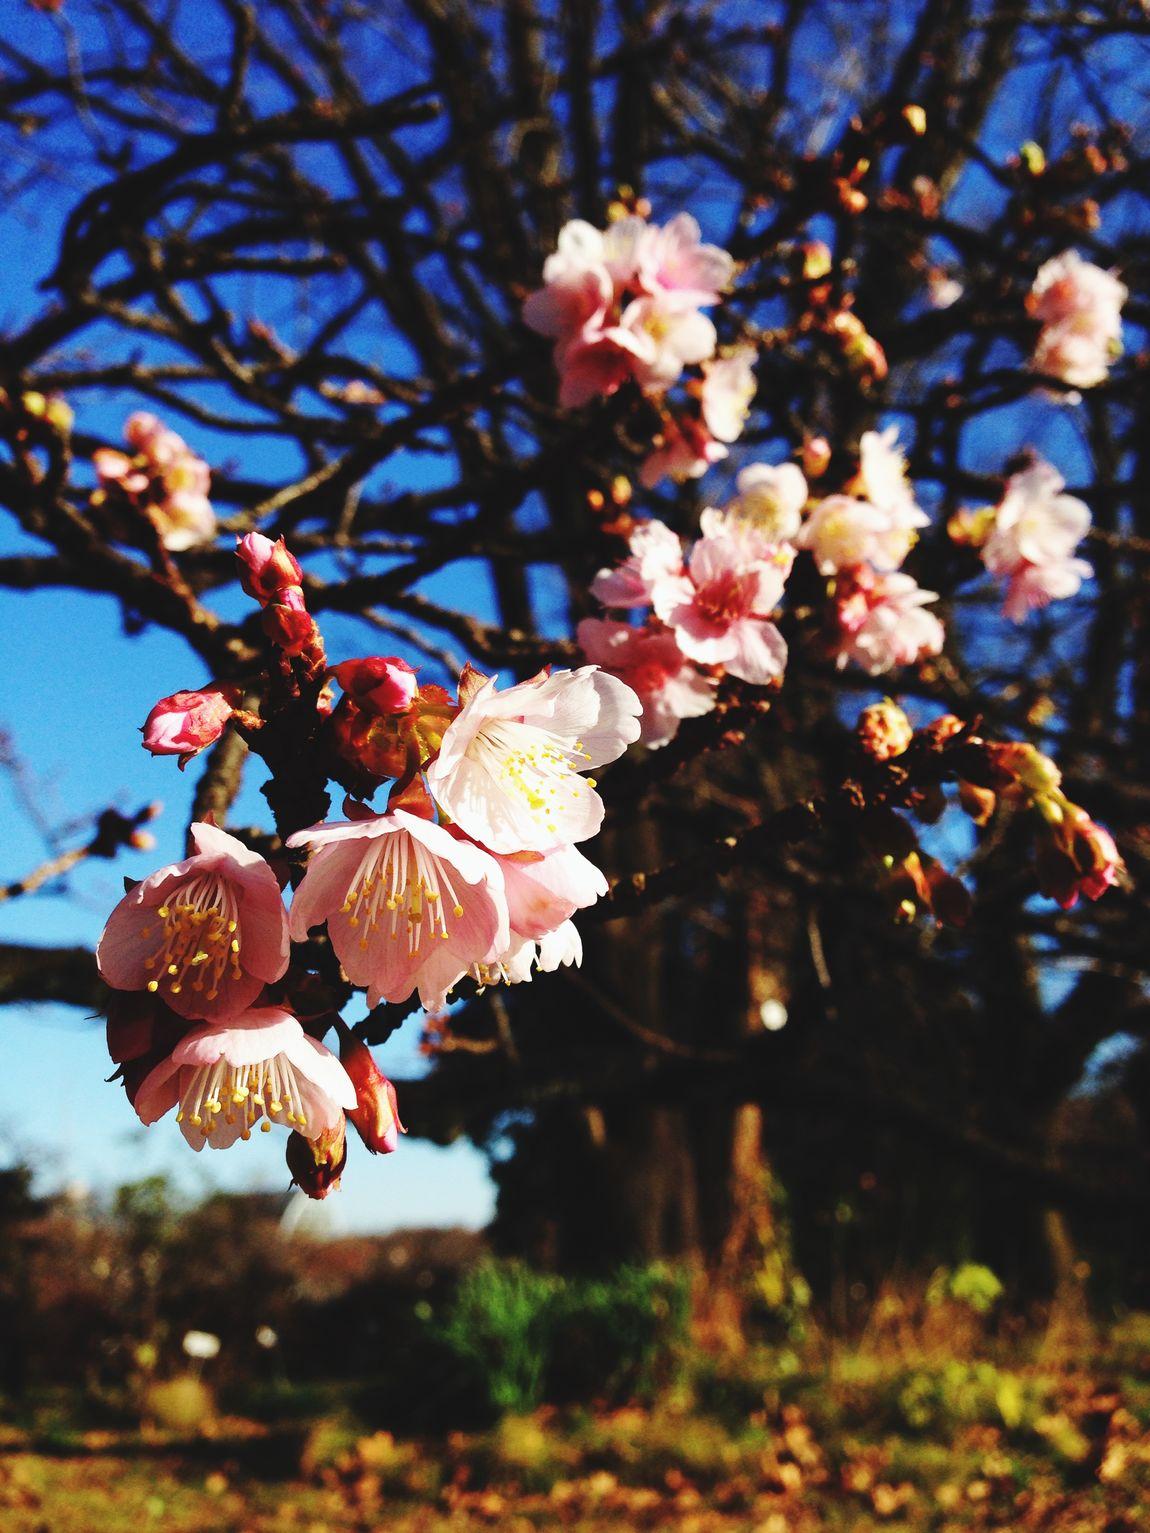 寒桜 早い開花 Cherry Blossoms お散歩 おでかけ Enjoying Life 休日 小石川植物園